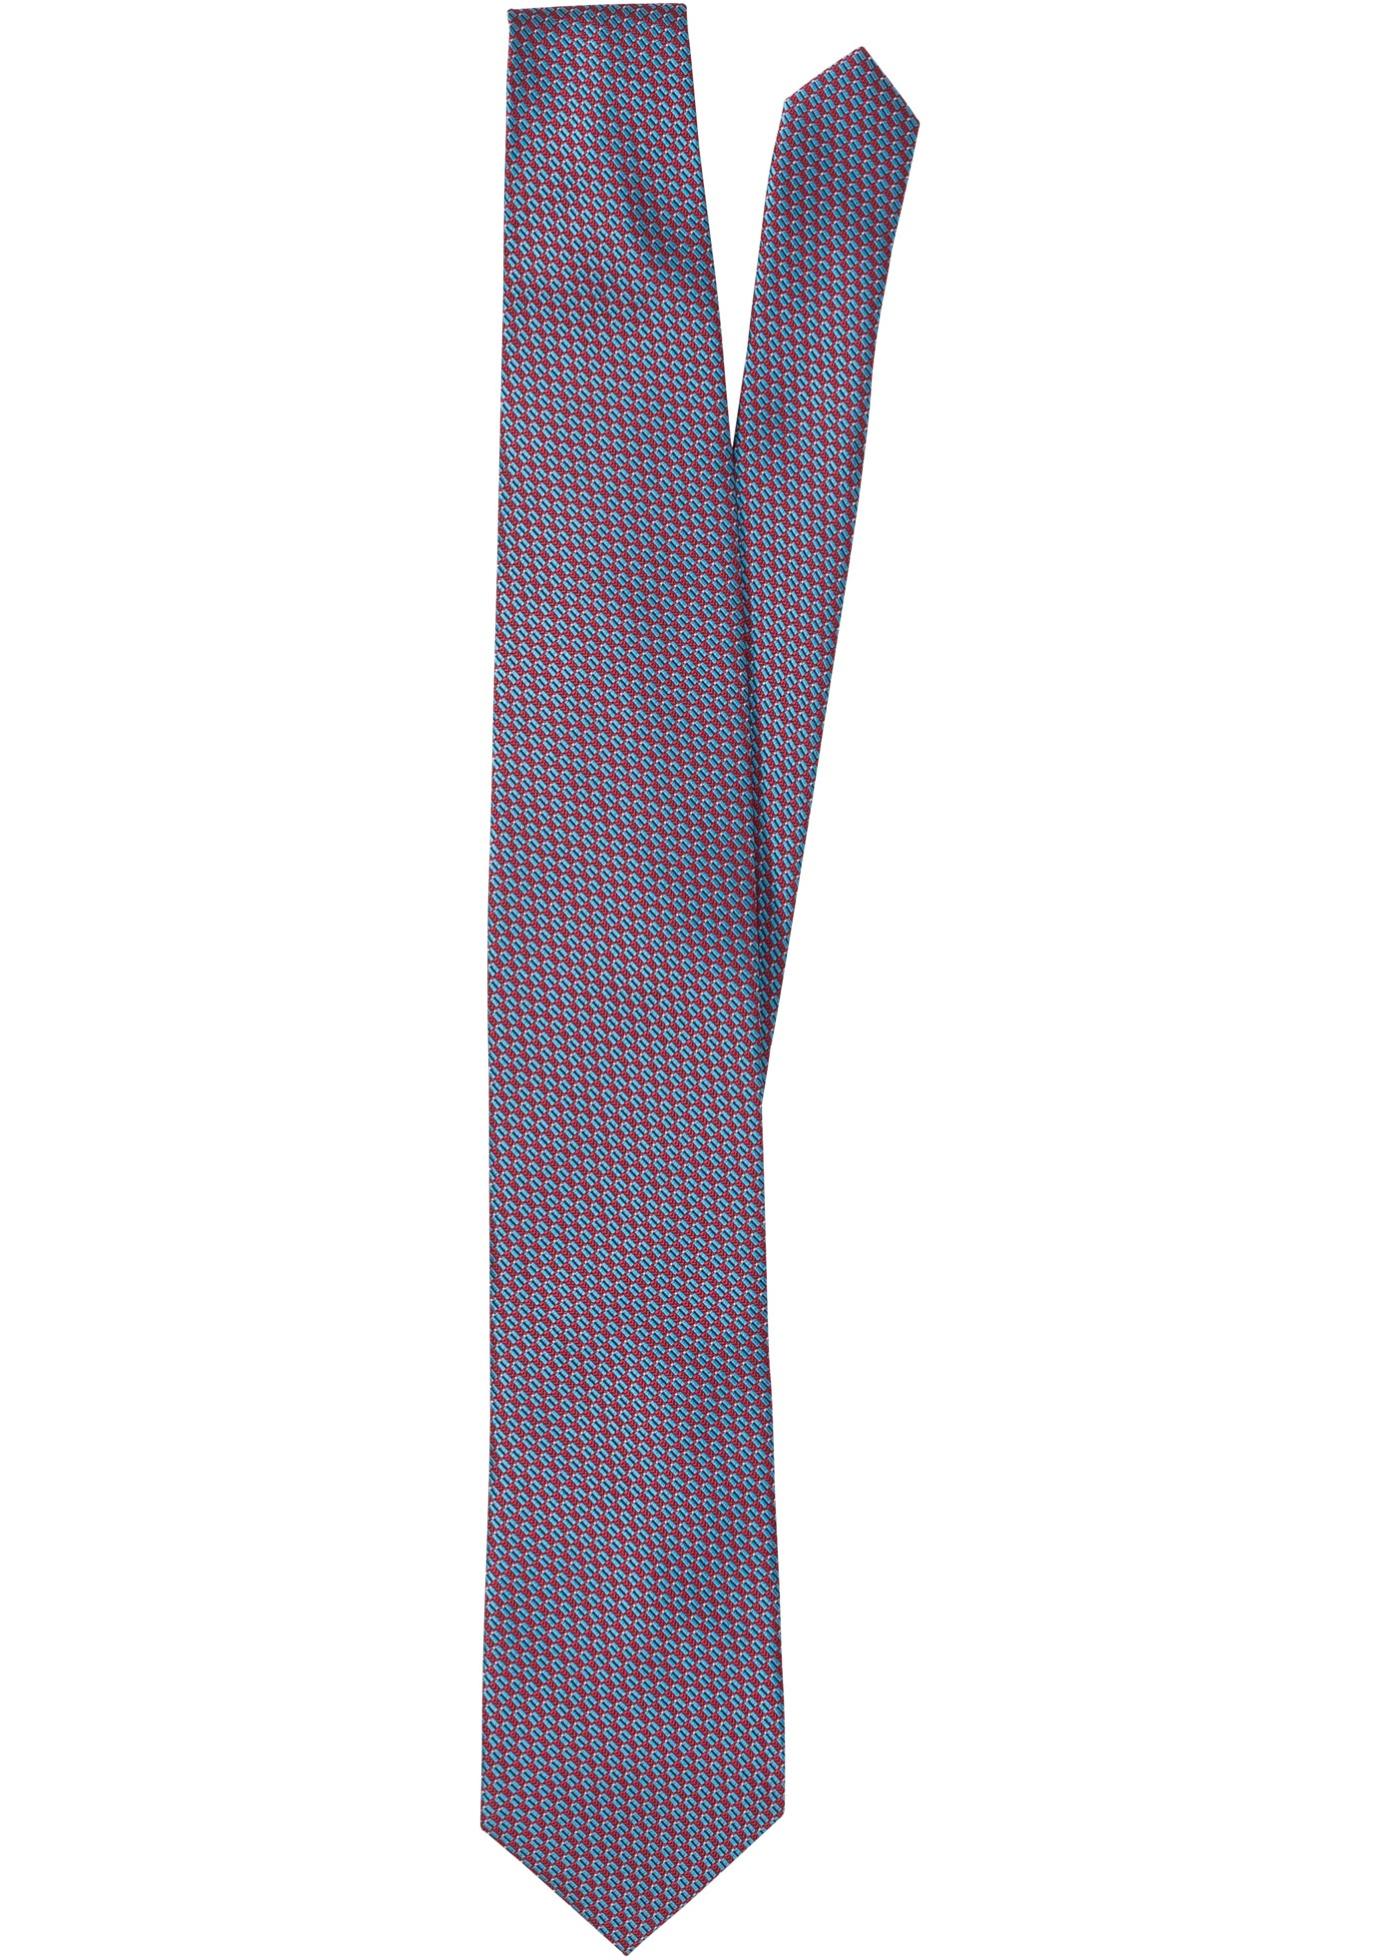 c120af7a79e Cervena kravata s kapesnikem levně